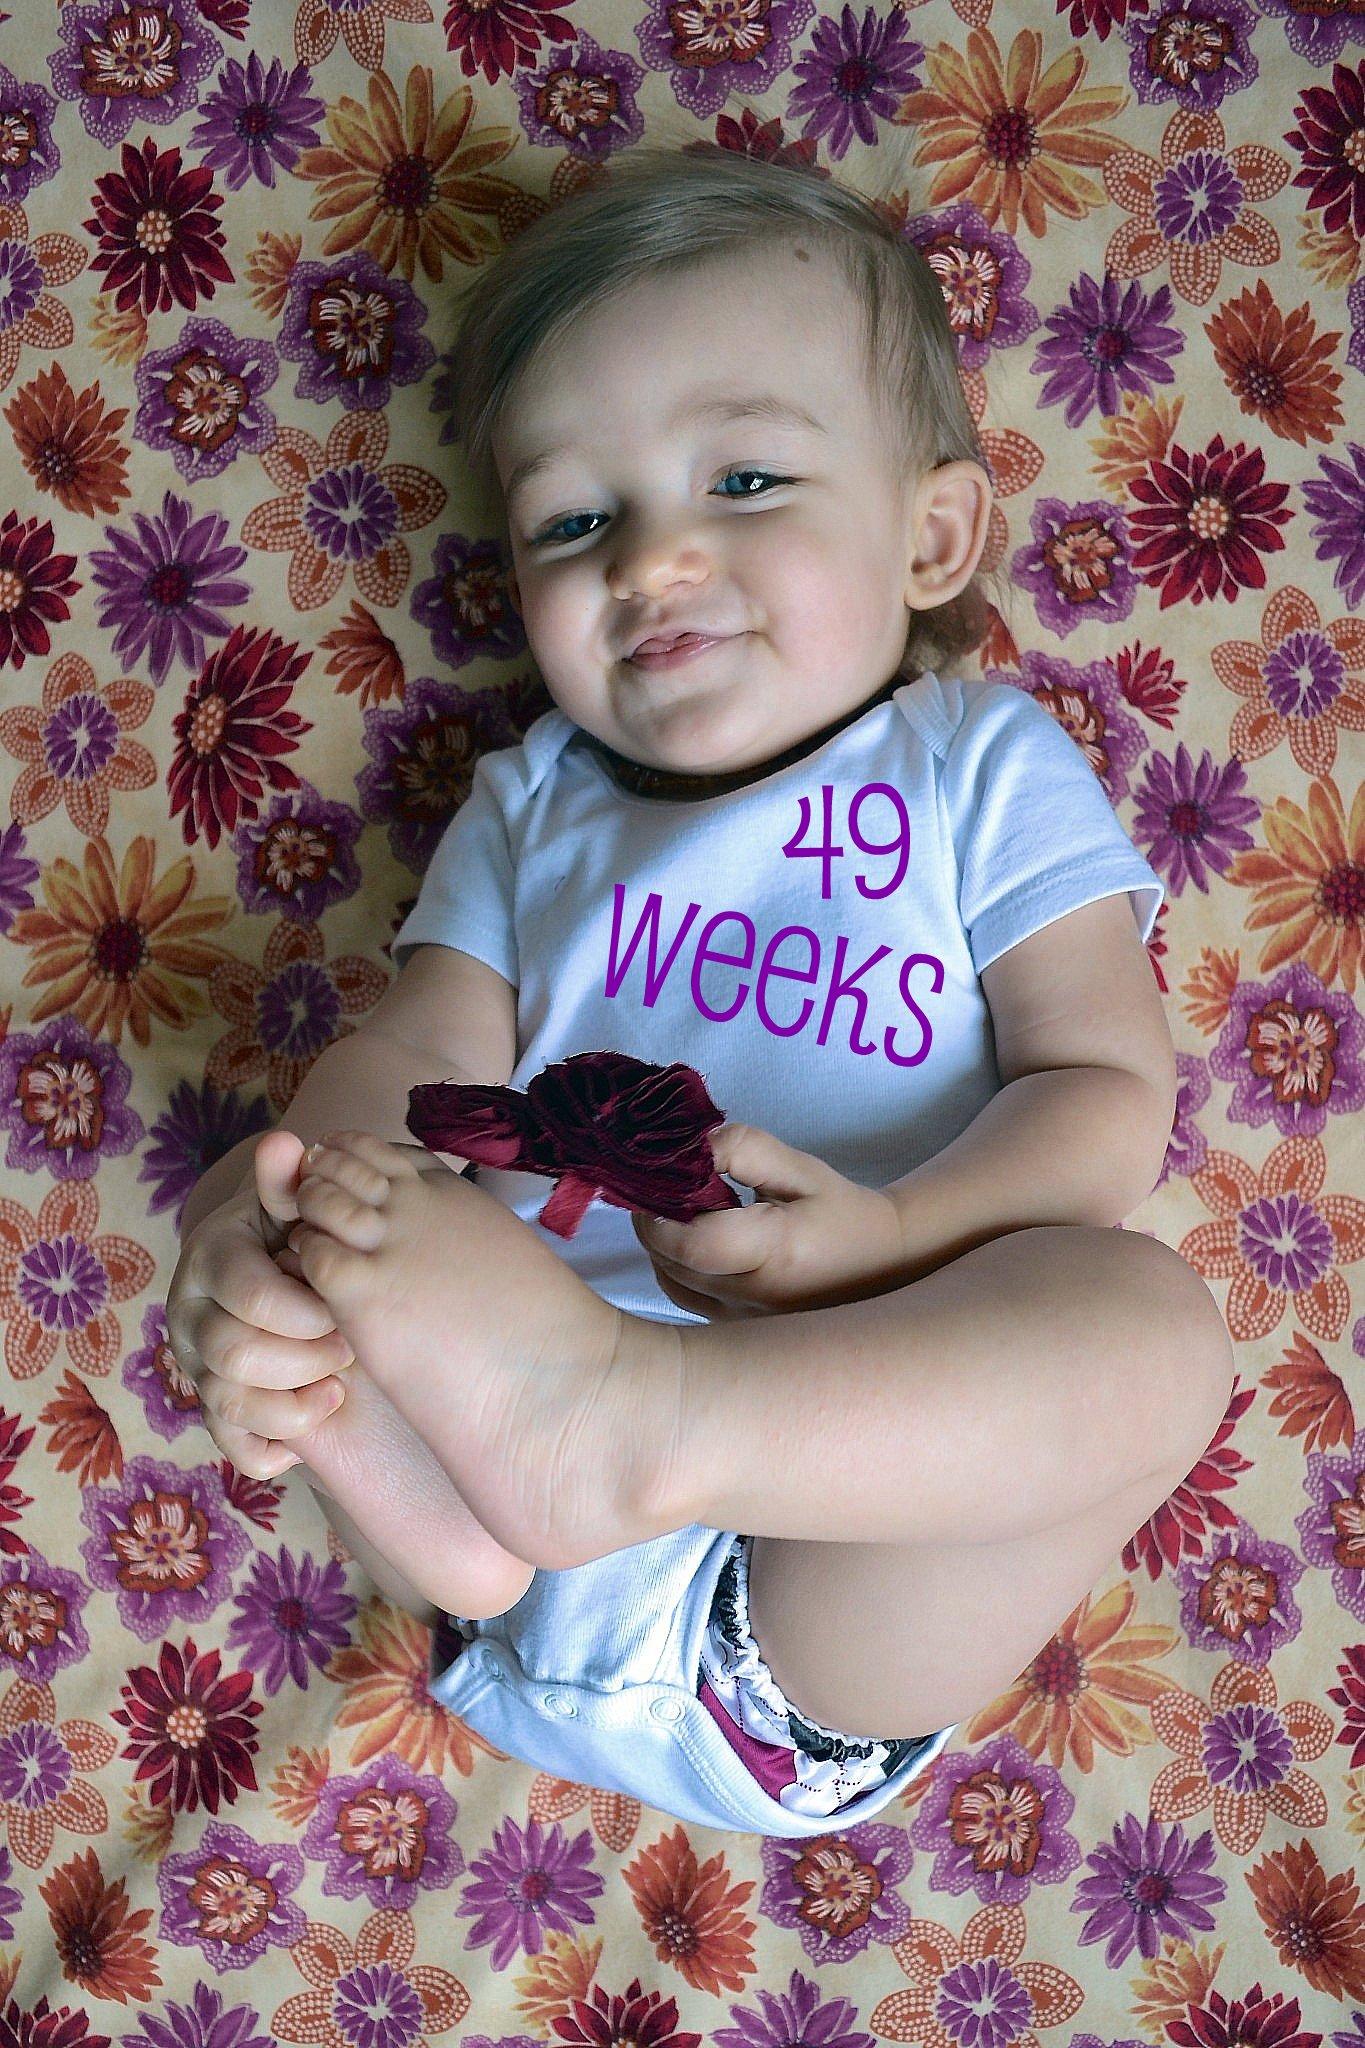 49 weeks